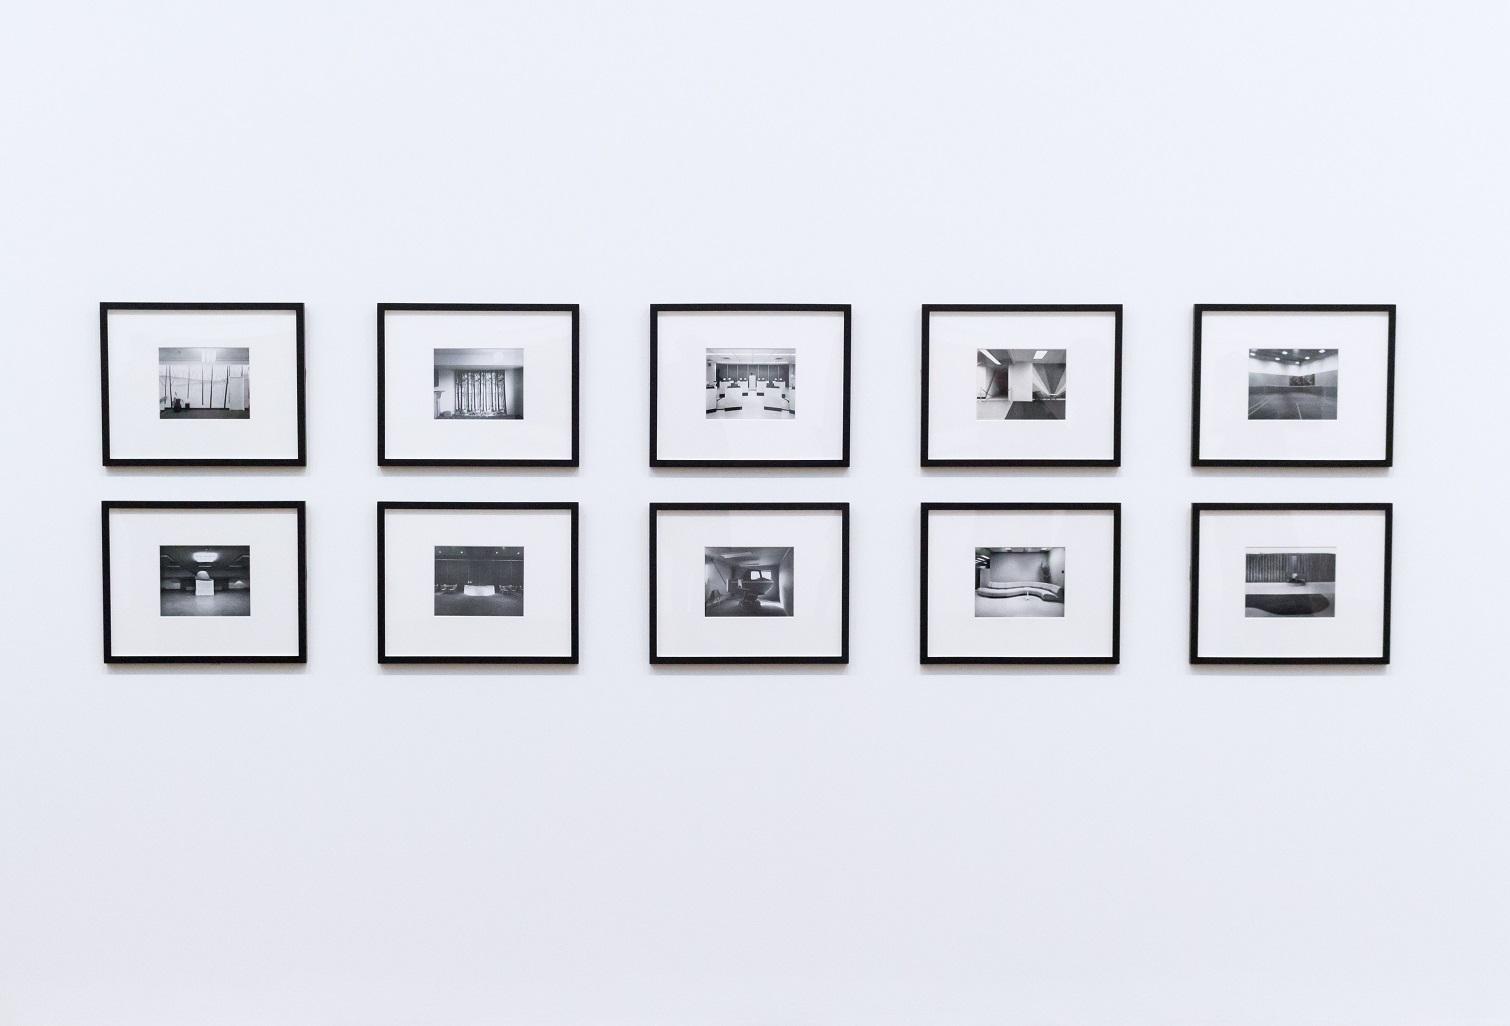 Jak prawidłowo powiesić ramki na zdjęcia?